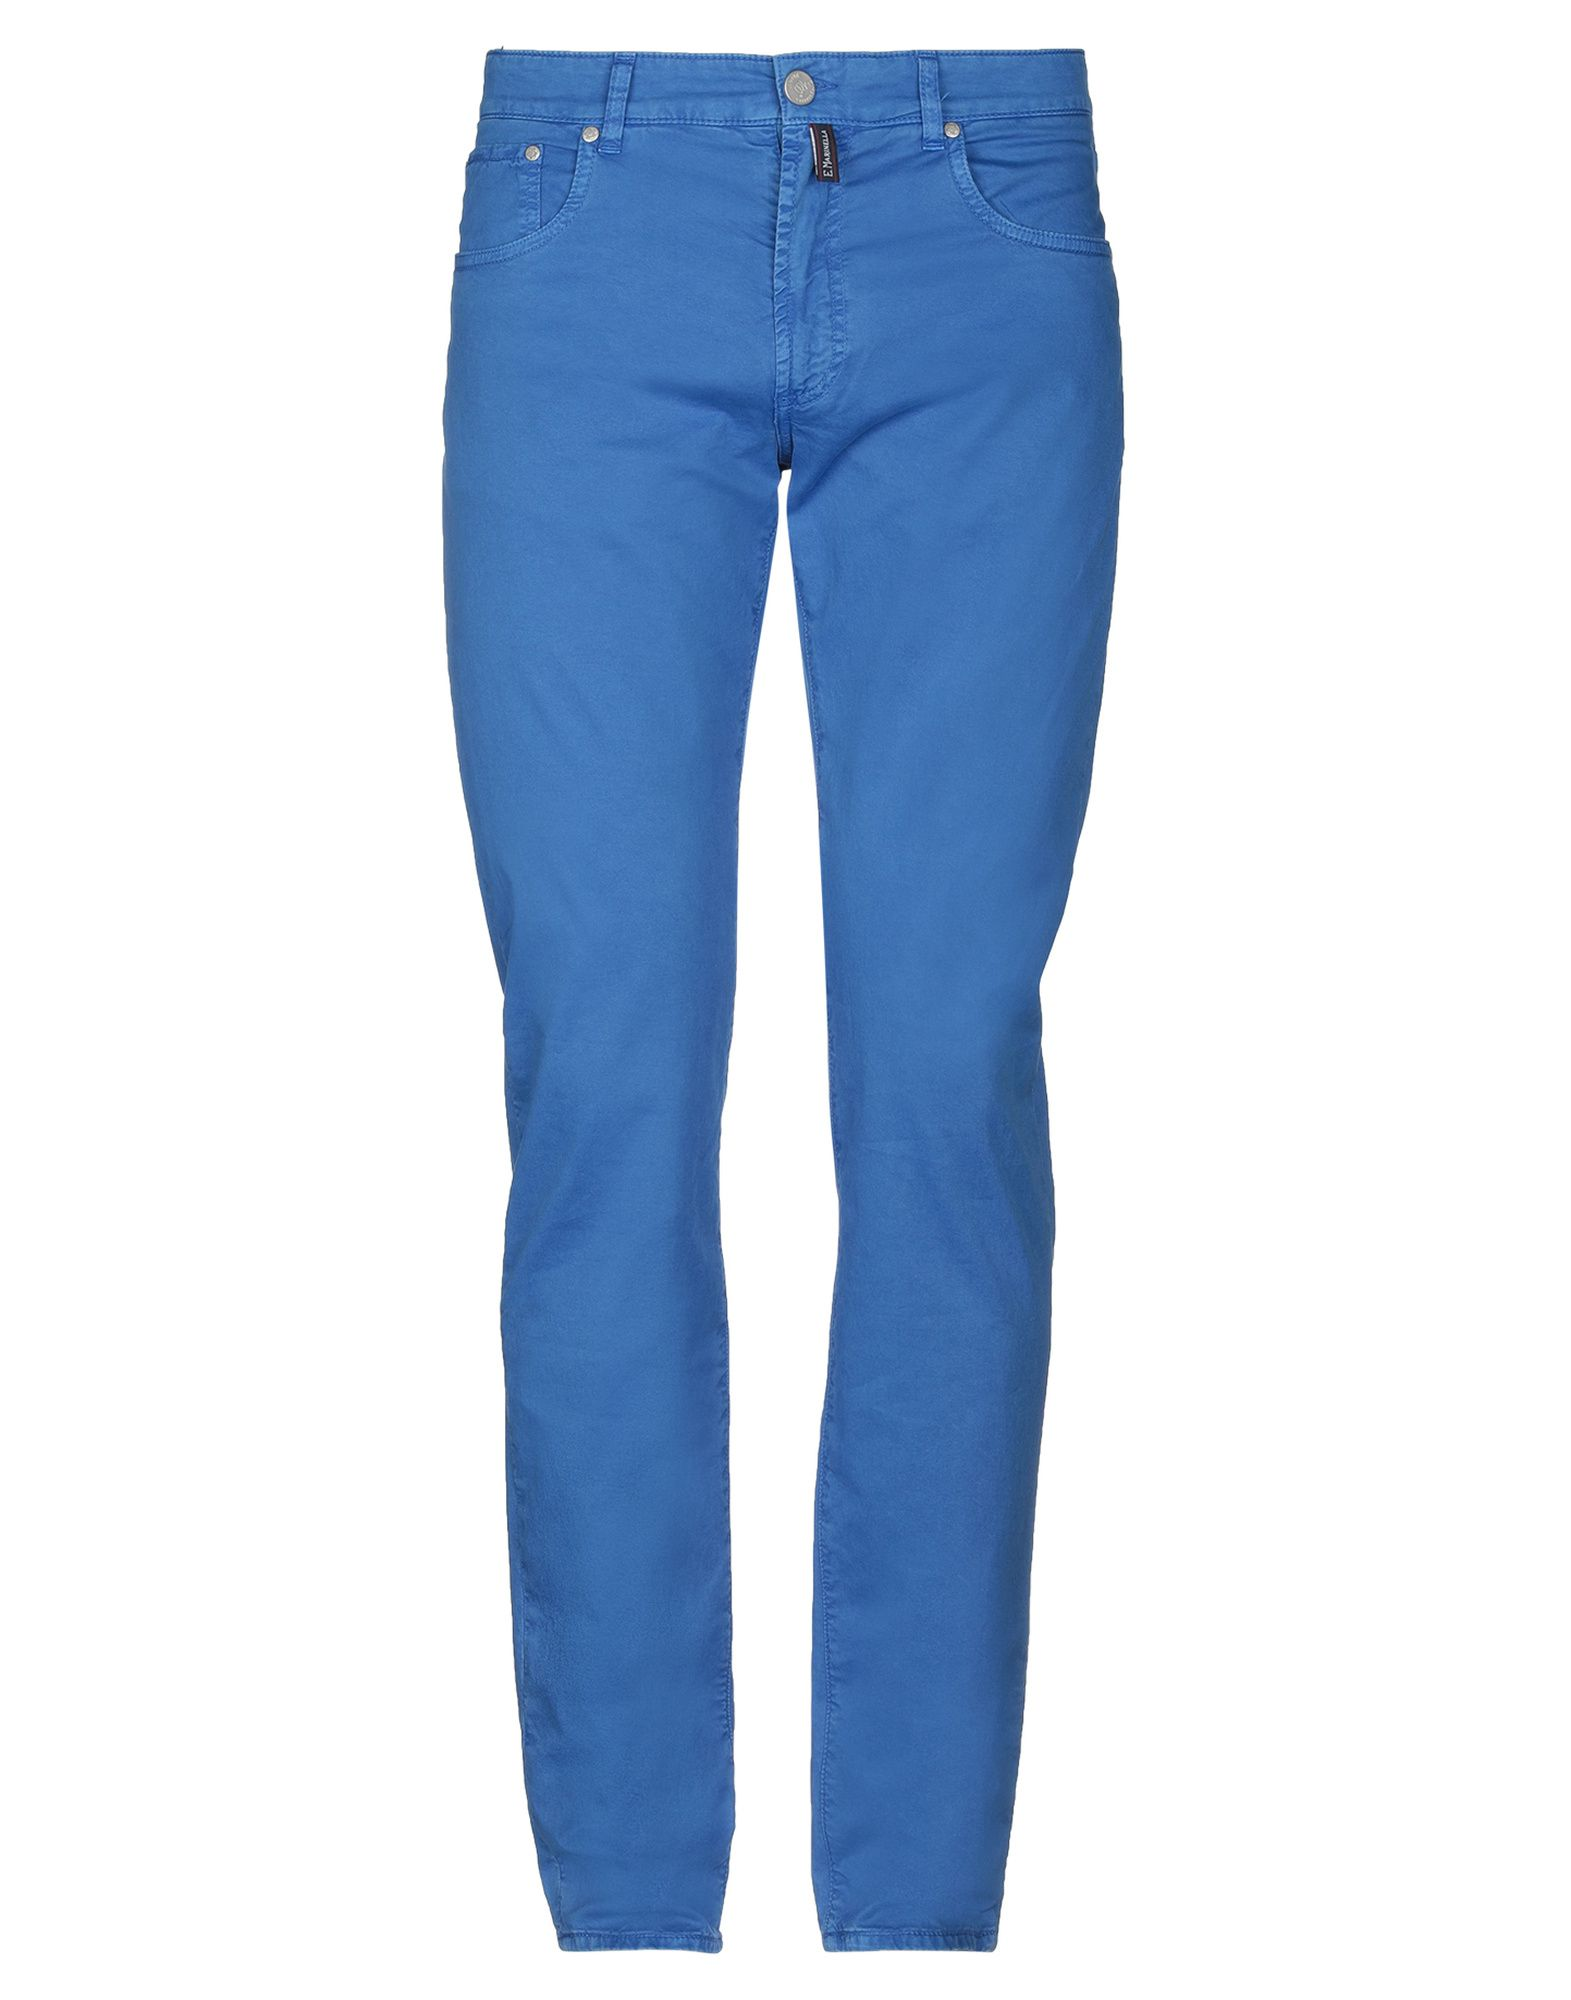 《期間限定 セール開催中》E.MARINELLA メンズ パンツ ブルー 31 コットン 98% / ポリウレタン 2%